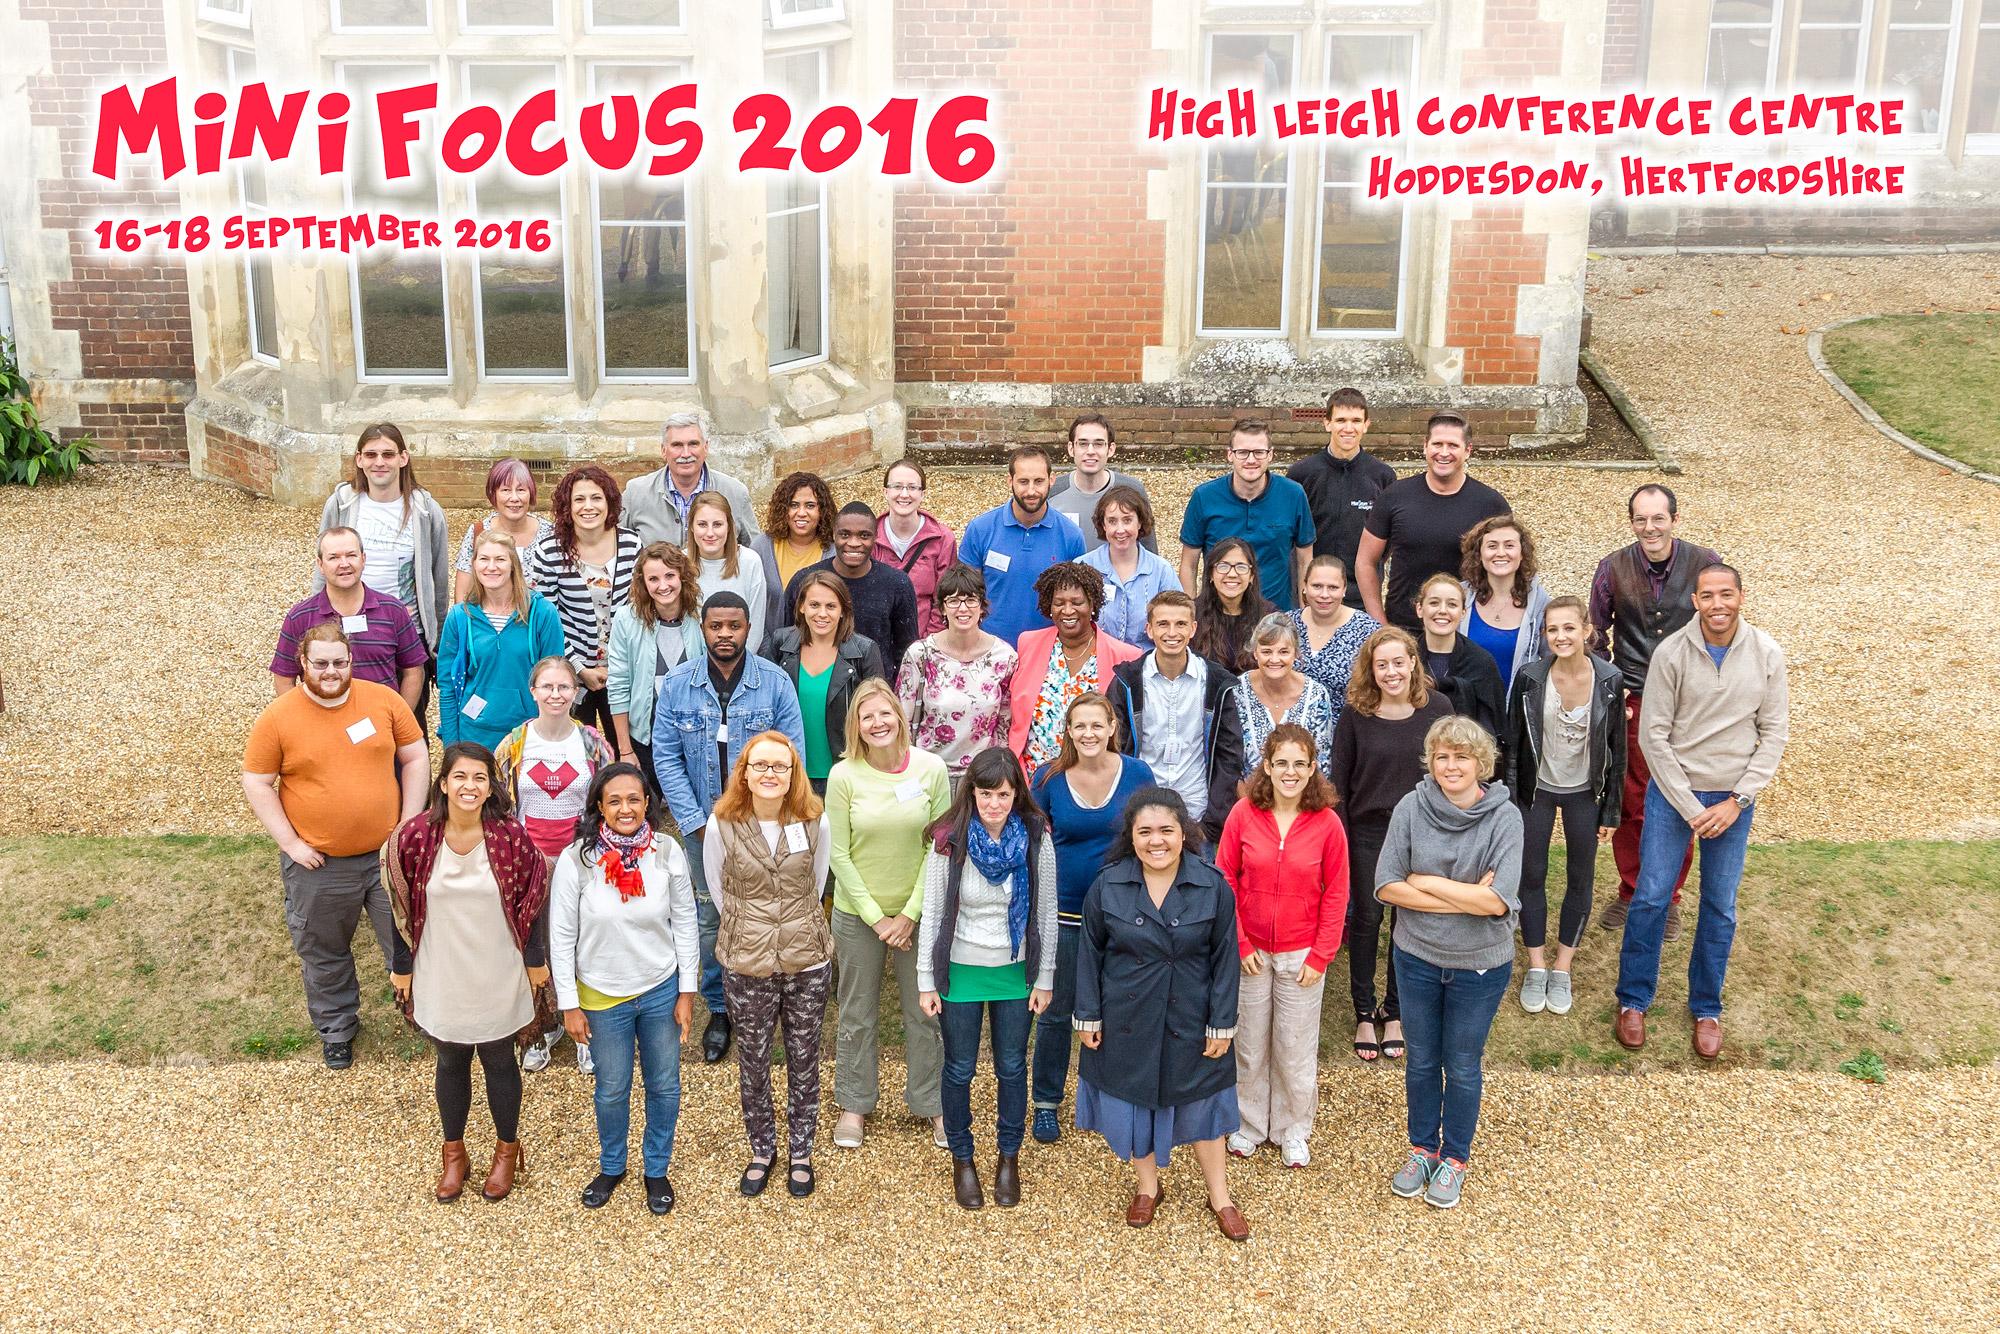 final-mini-focus-2016-group-photo.jpg